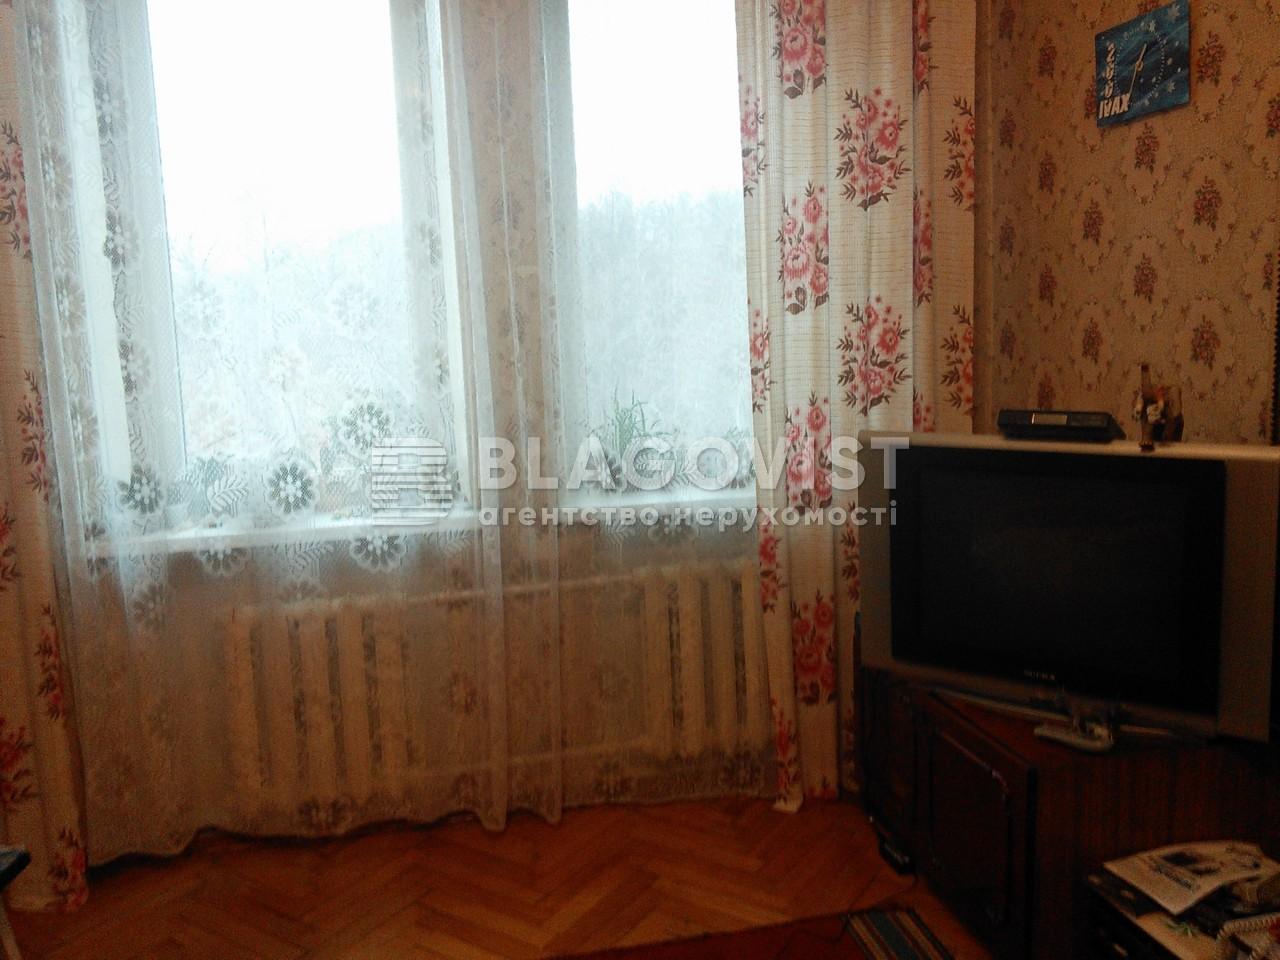 Квартира C-81583, Винниченко Владимира (Коцюбинского Юрия), 20, Киев - Фото 5